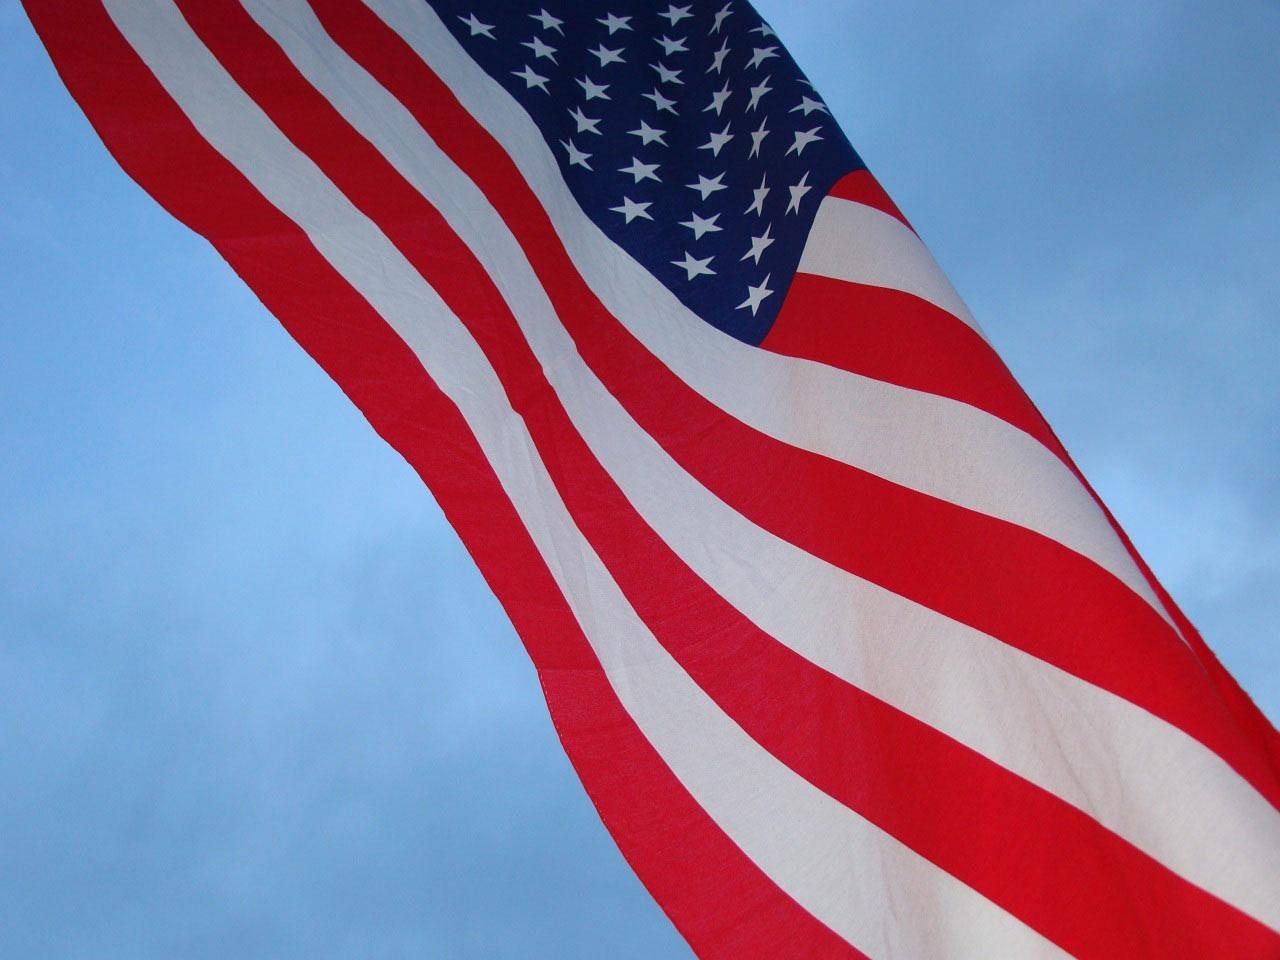 Прикольные картинки американский флаг, анимация черная